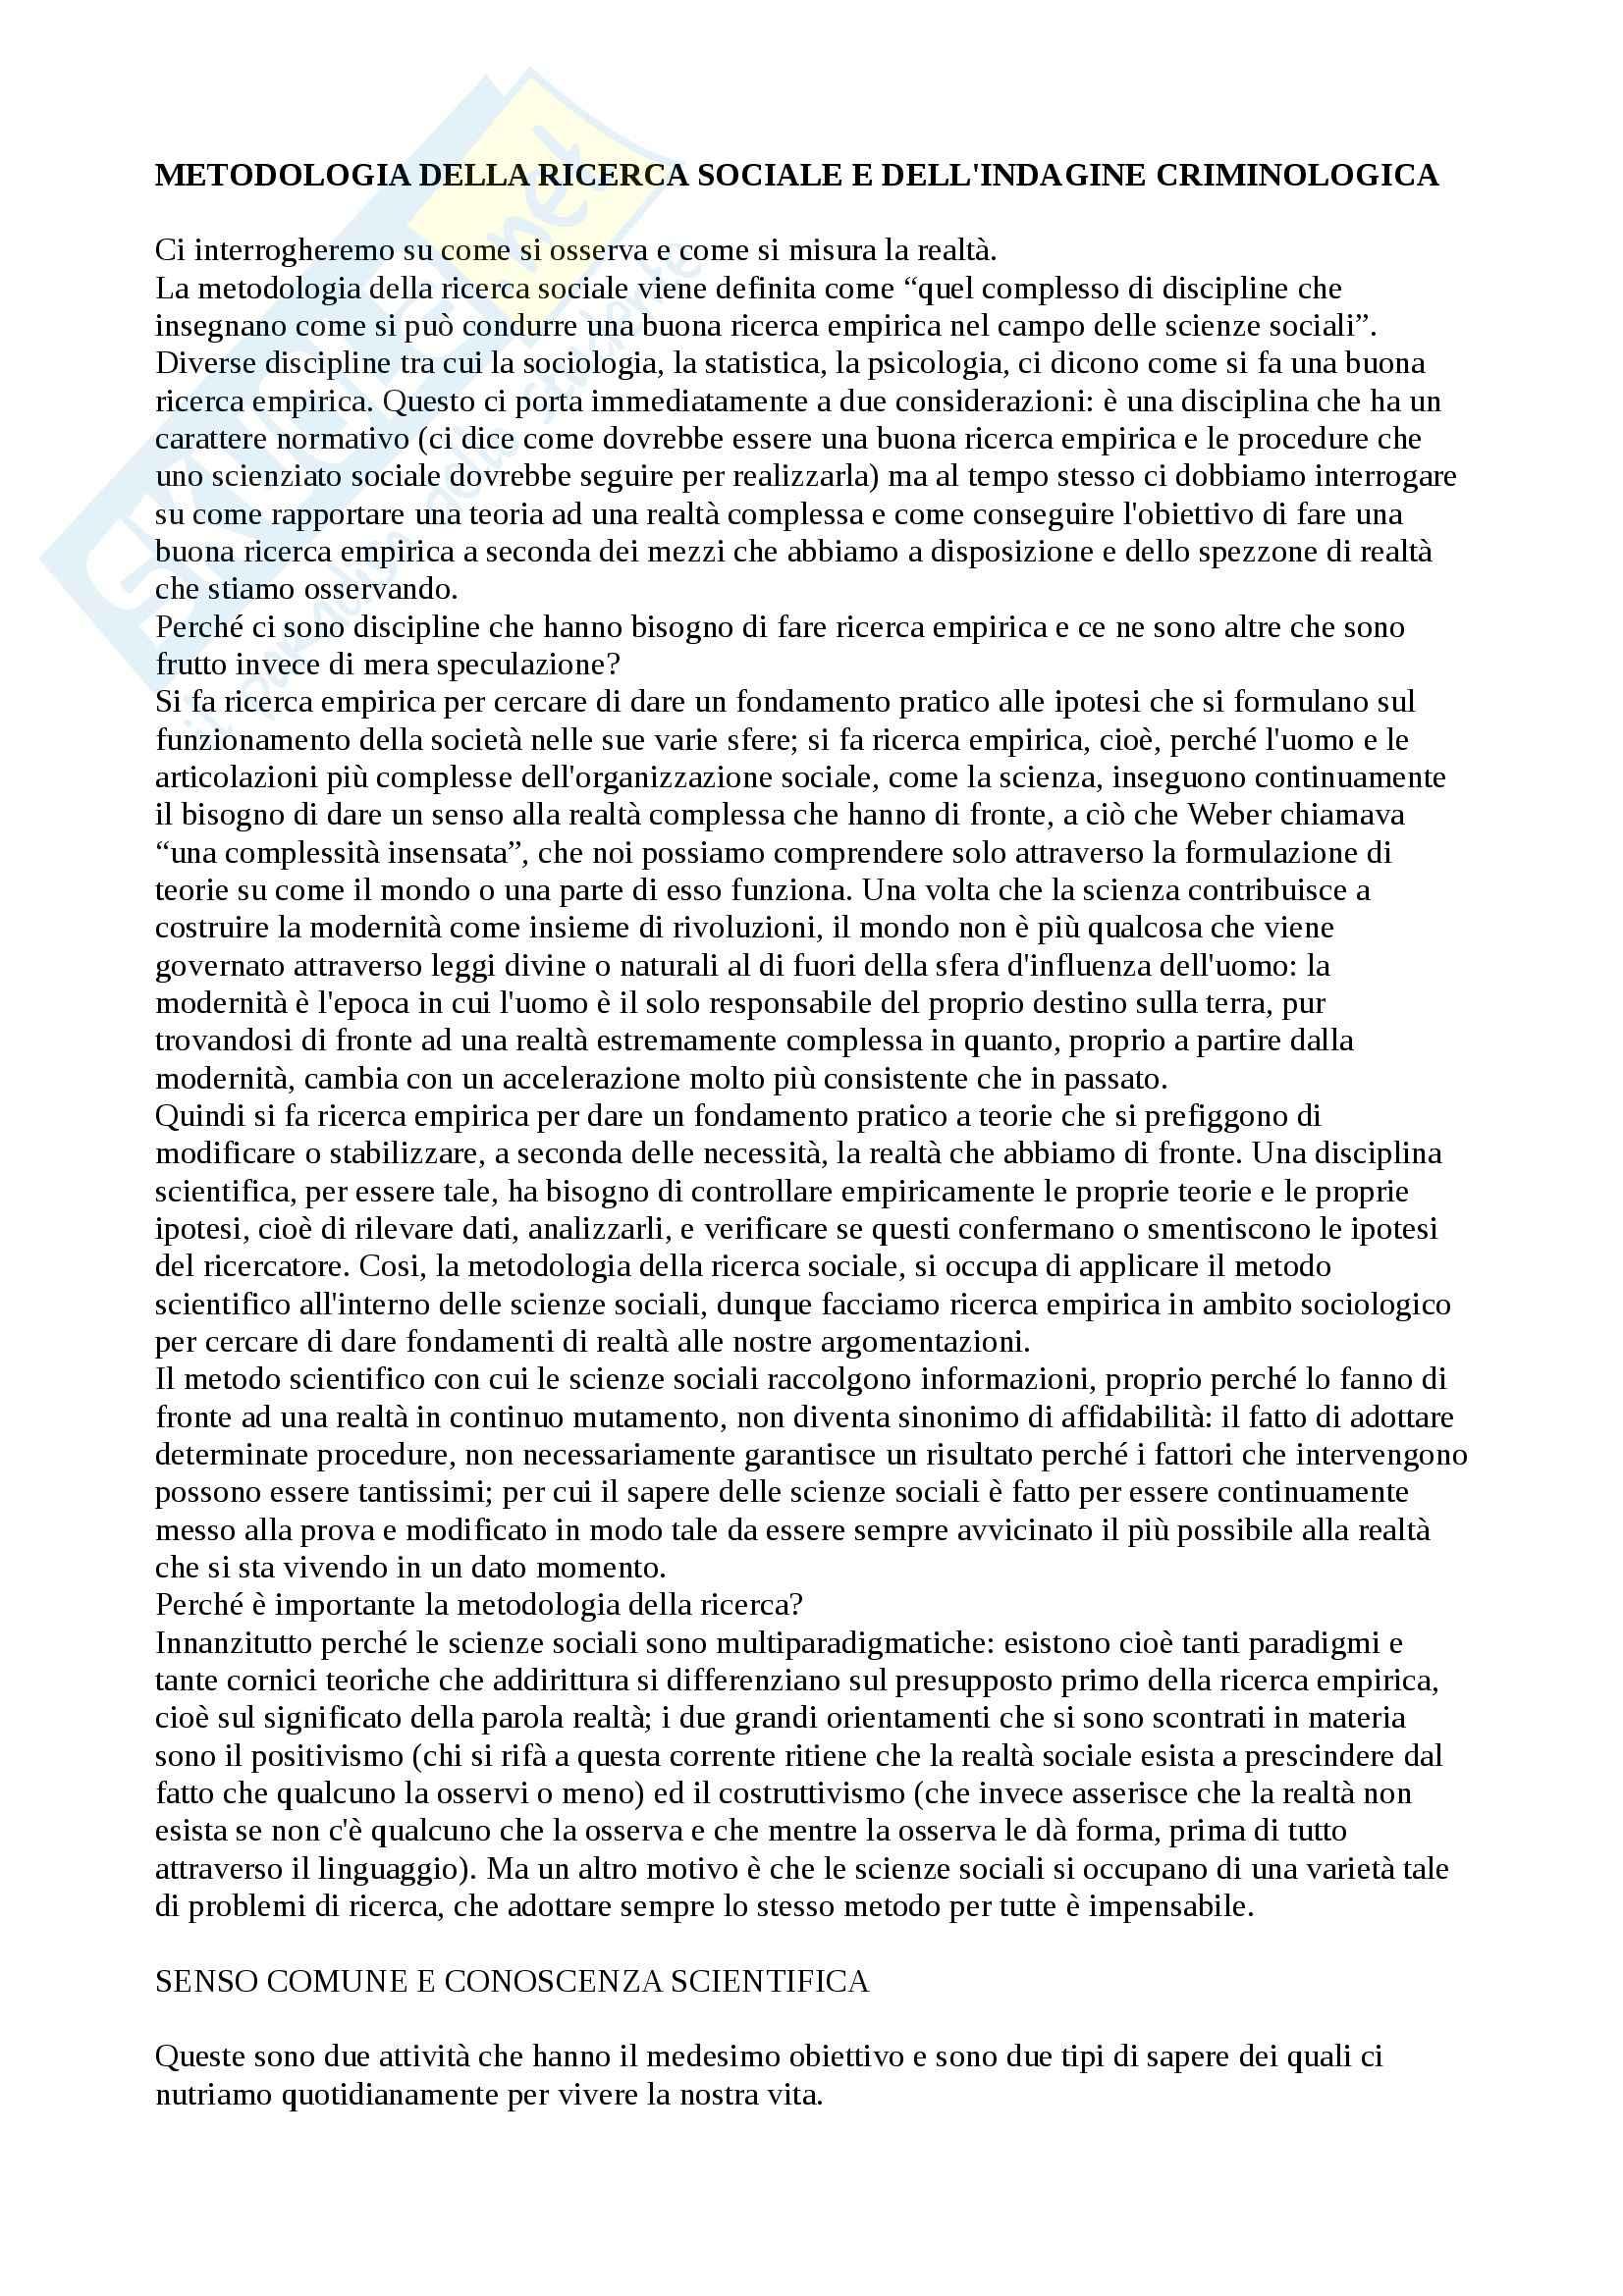 Metodologia della ricerca sociale e dell'indagine criminologica - Appunti